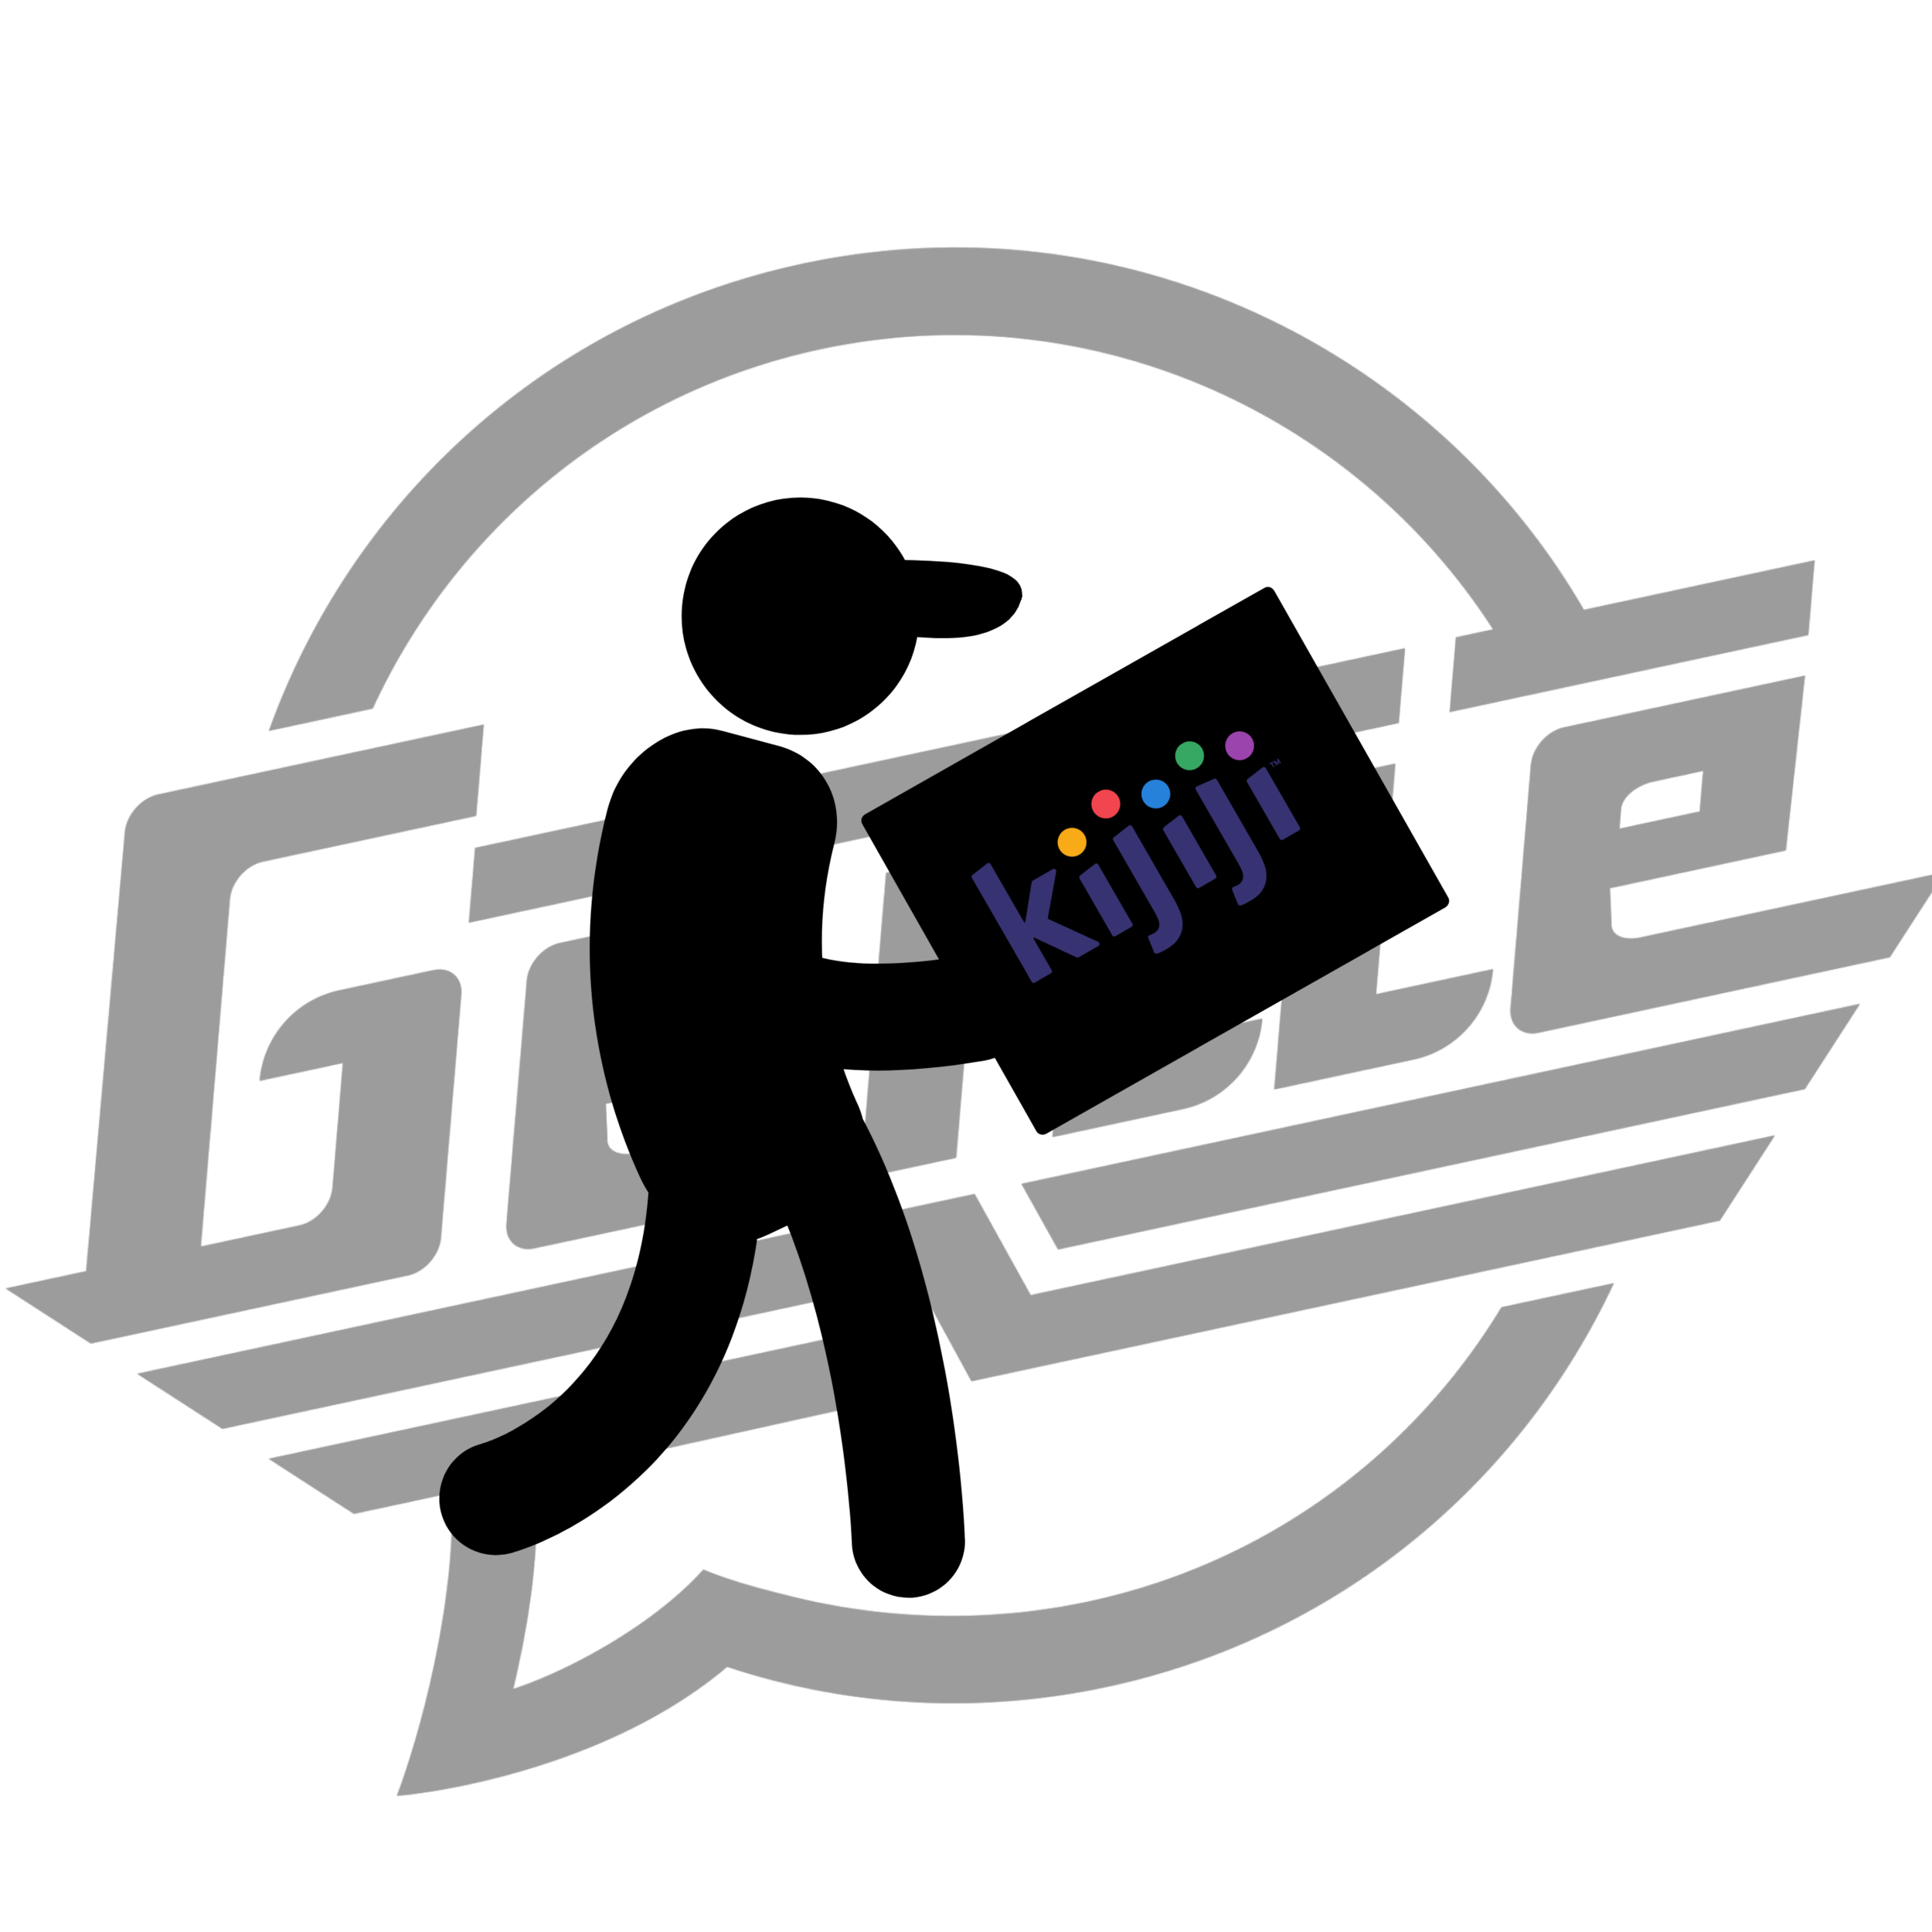 logo kijiji .png